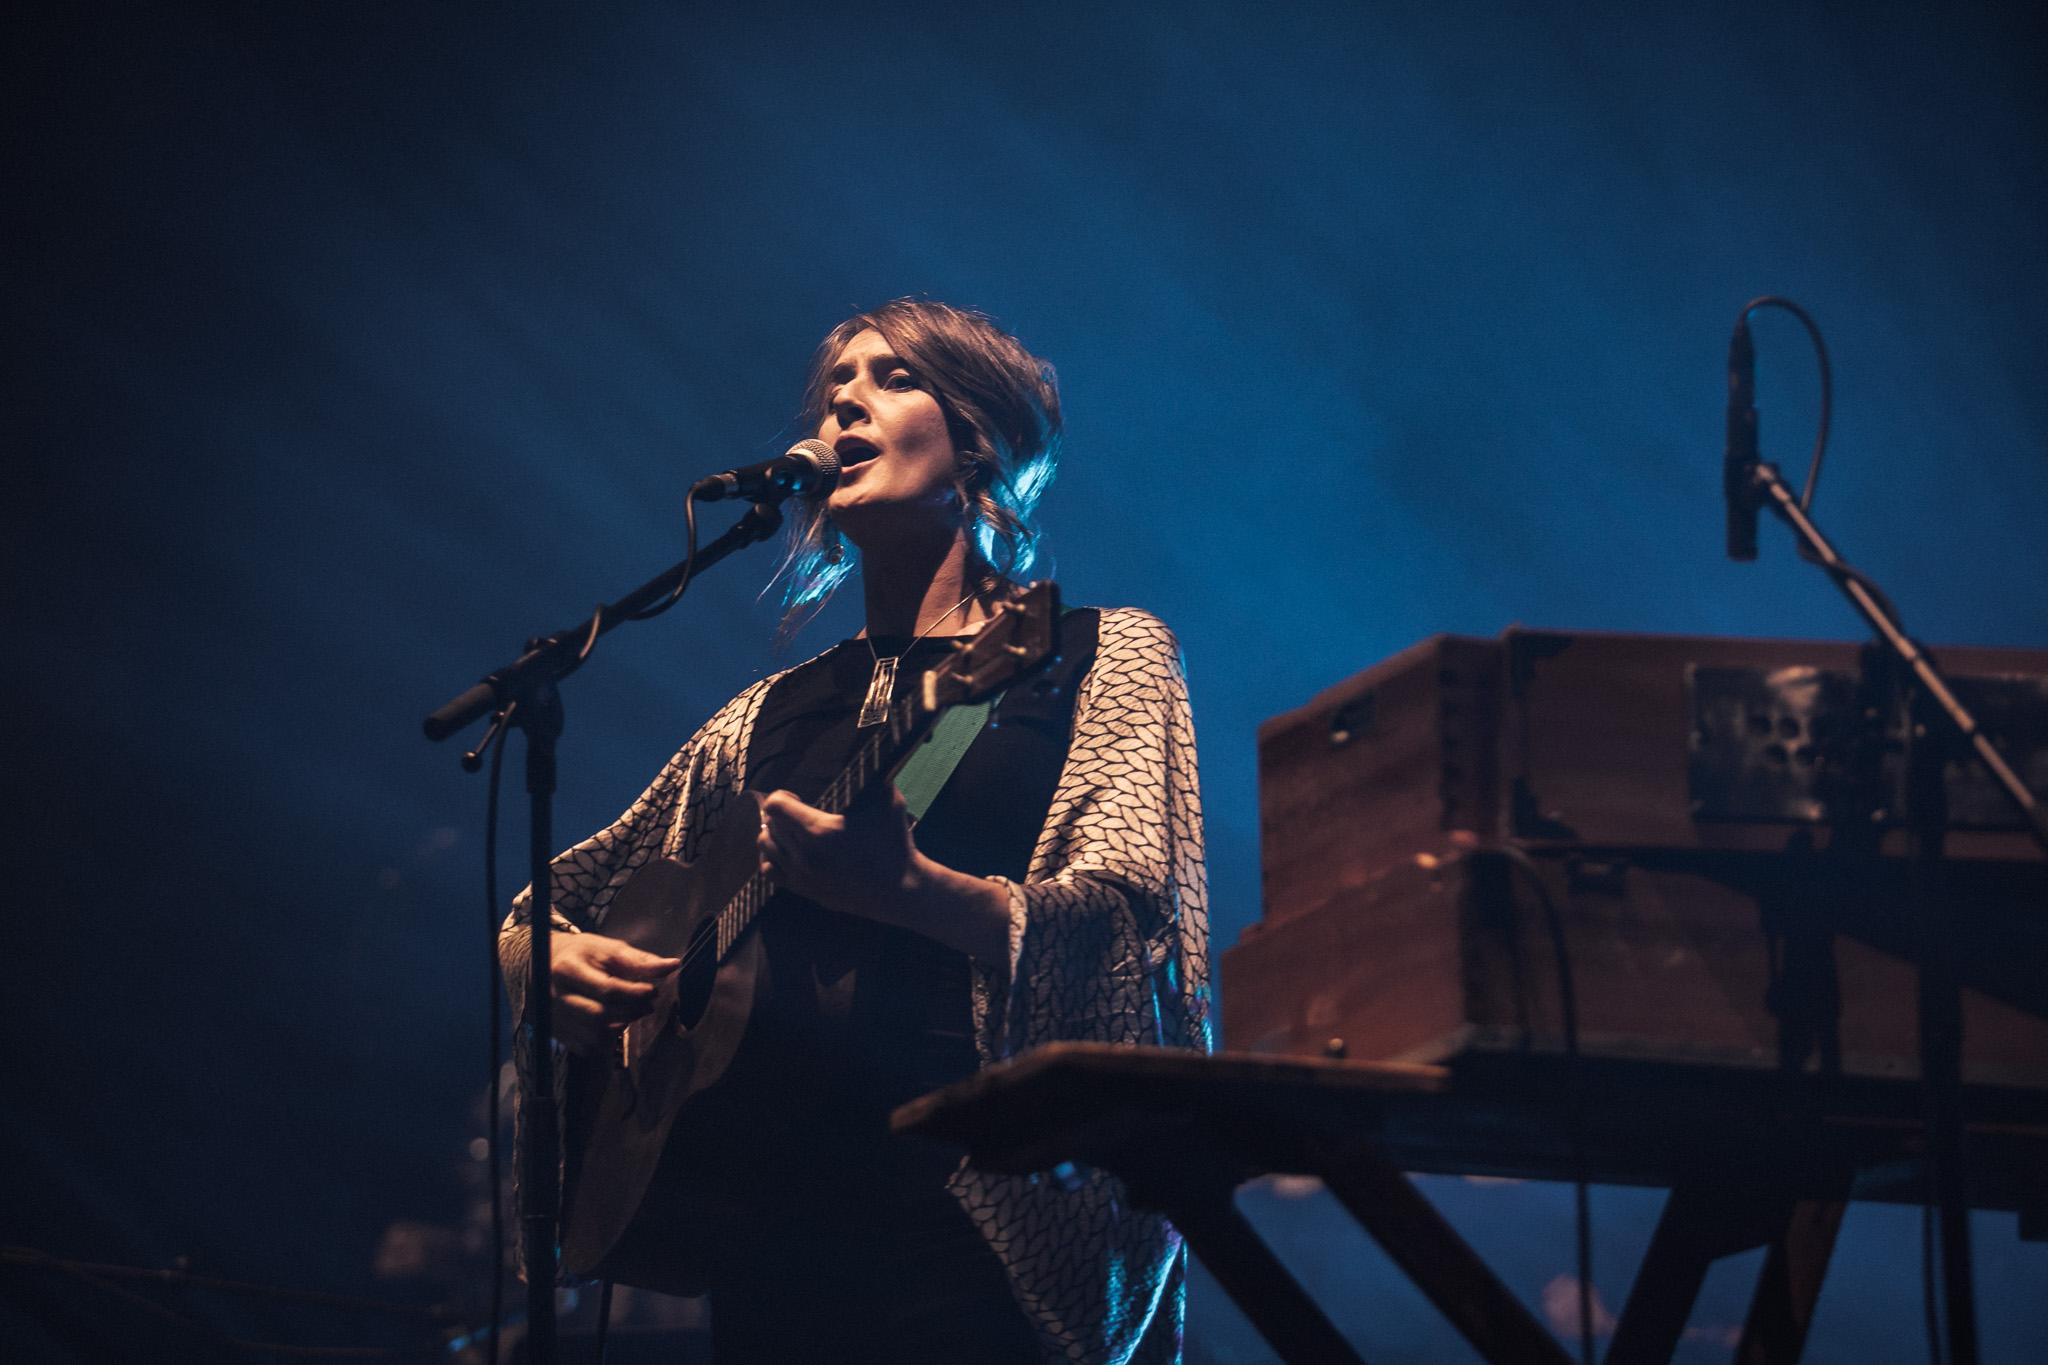 Karine on stage